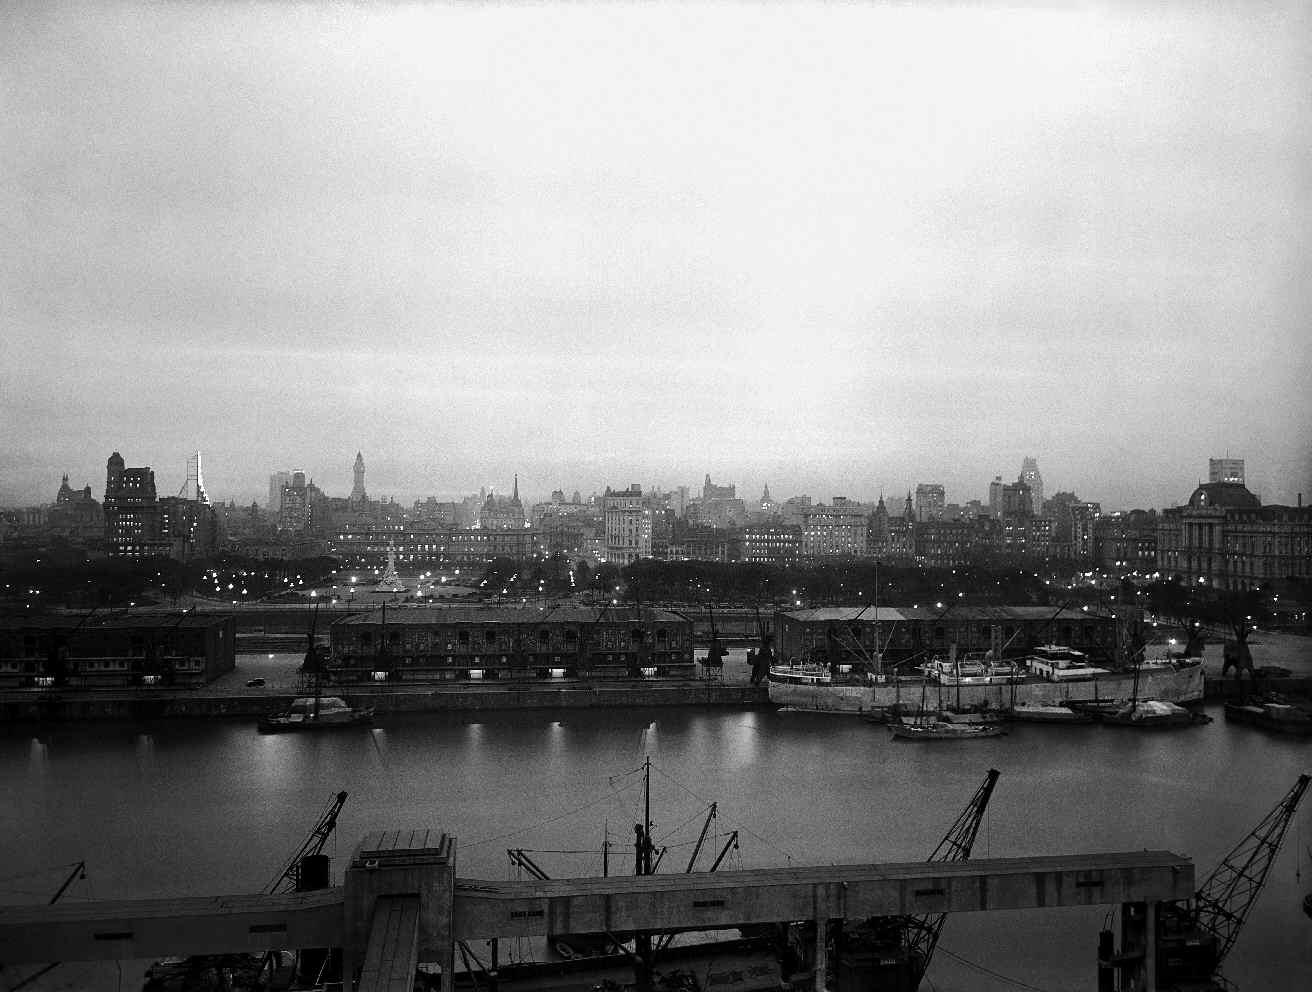 COPPOLA, Horacio, <i>Atardecer, la ciudad vista desde el río</i>